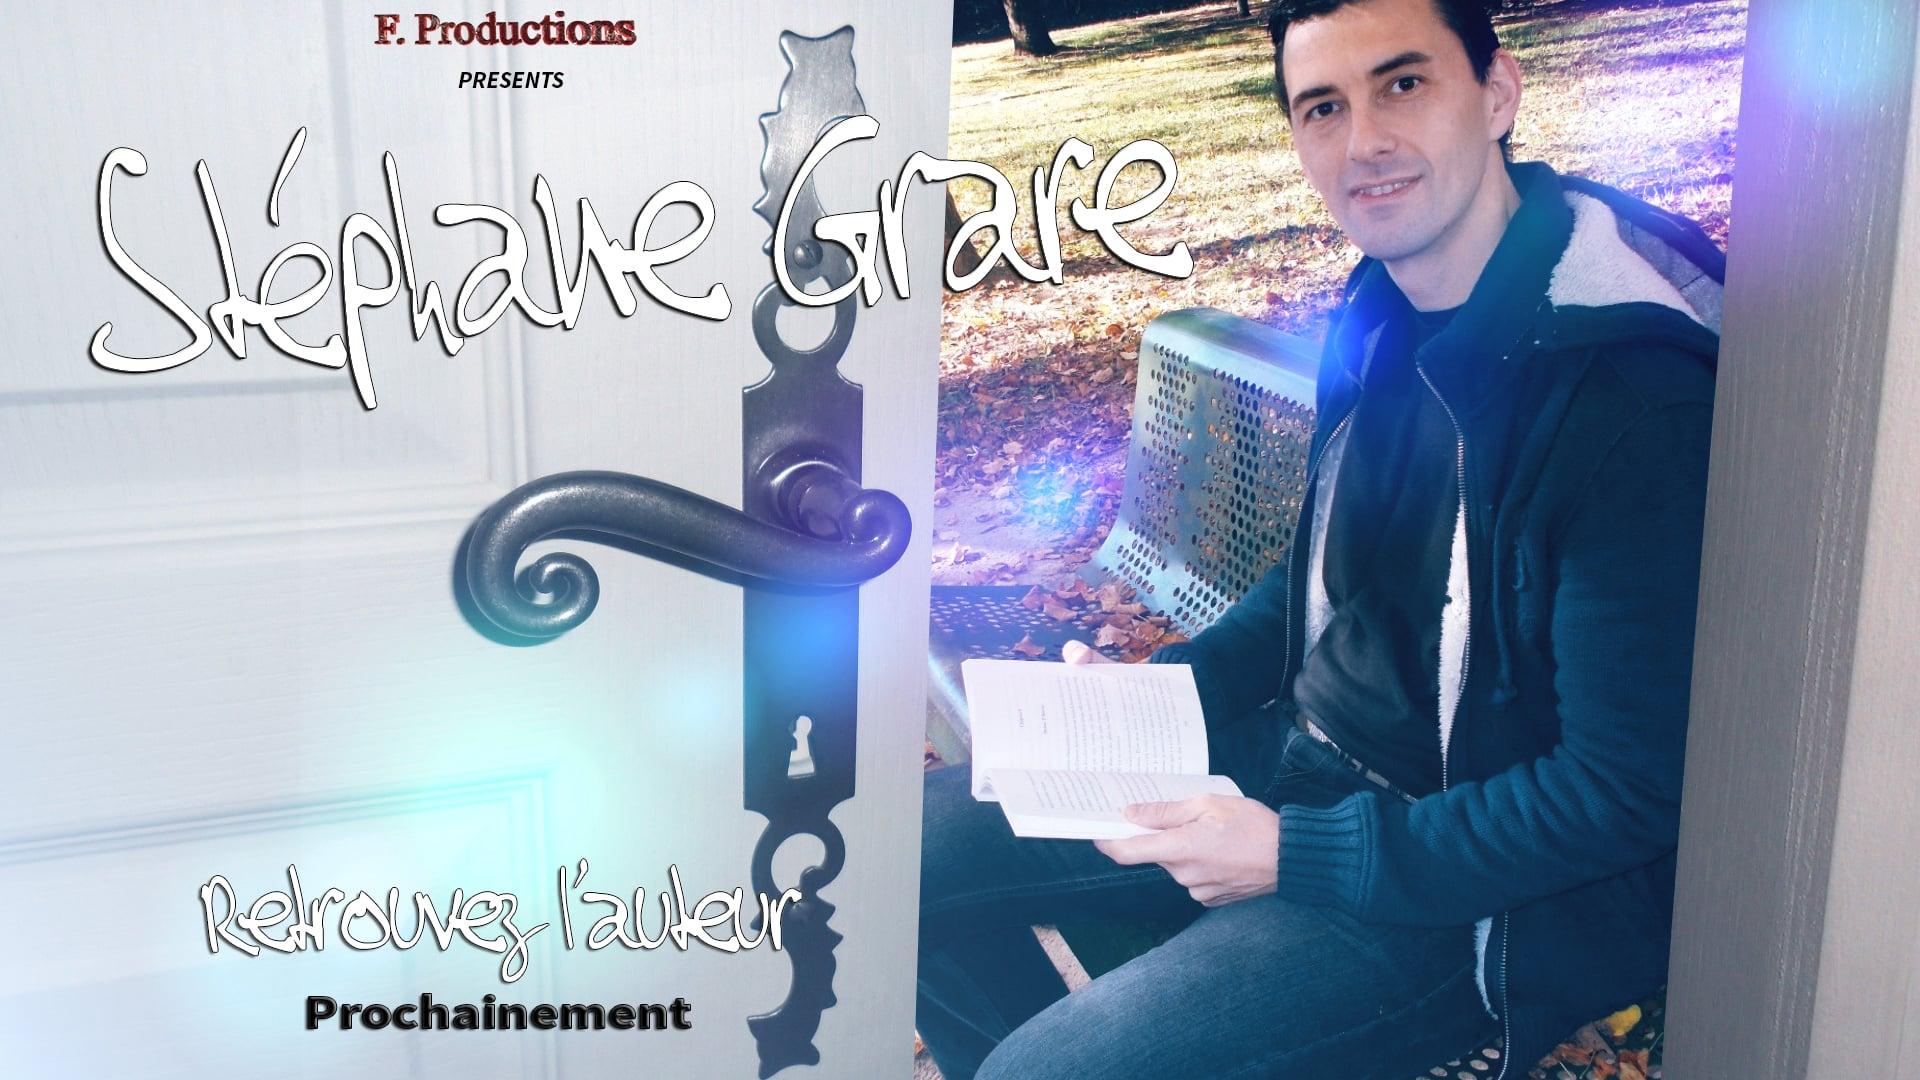 Rencontre avec Stéphane Grare (ITW - 2017)